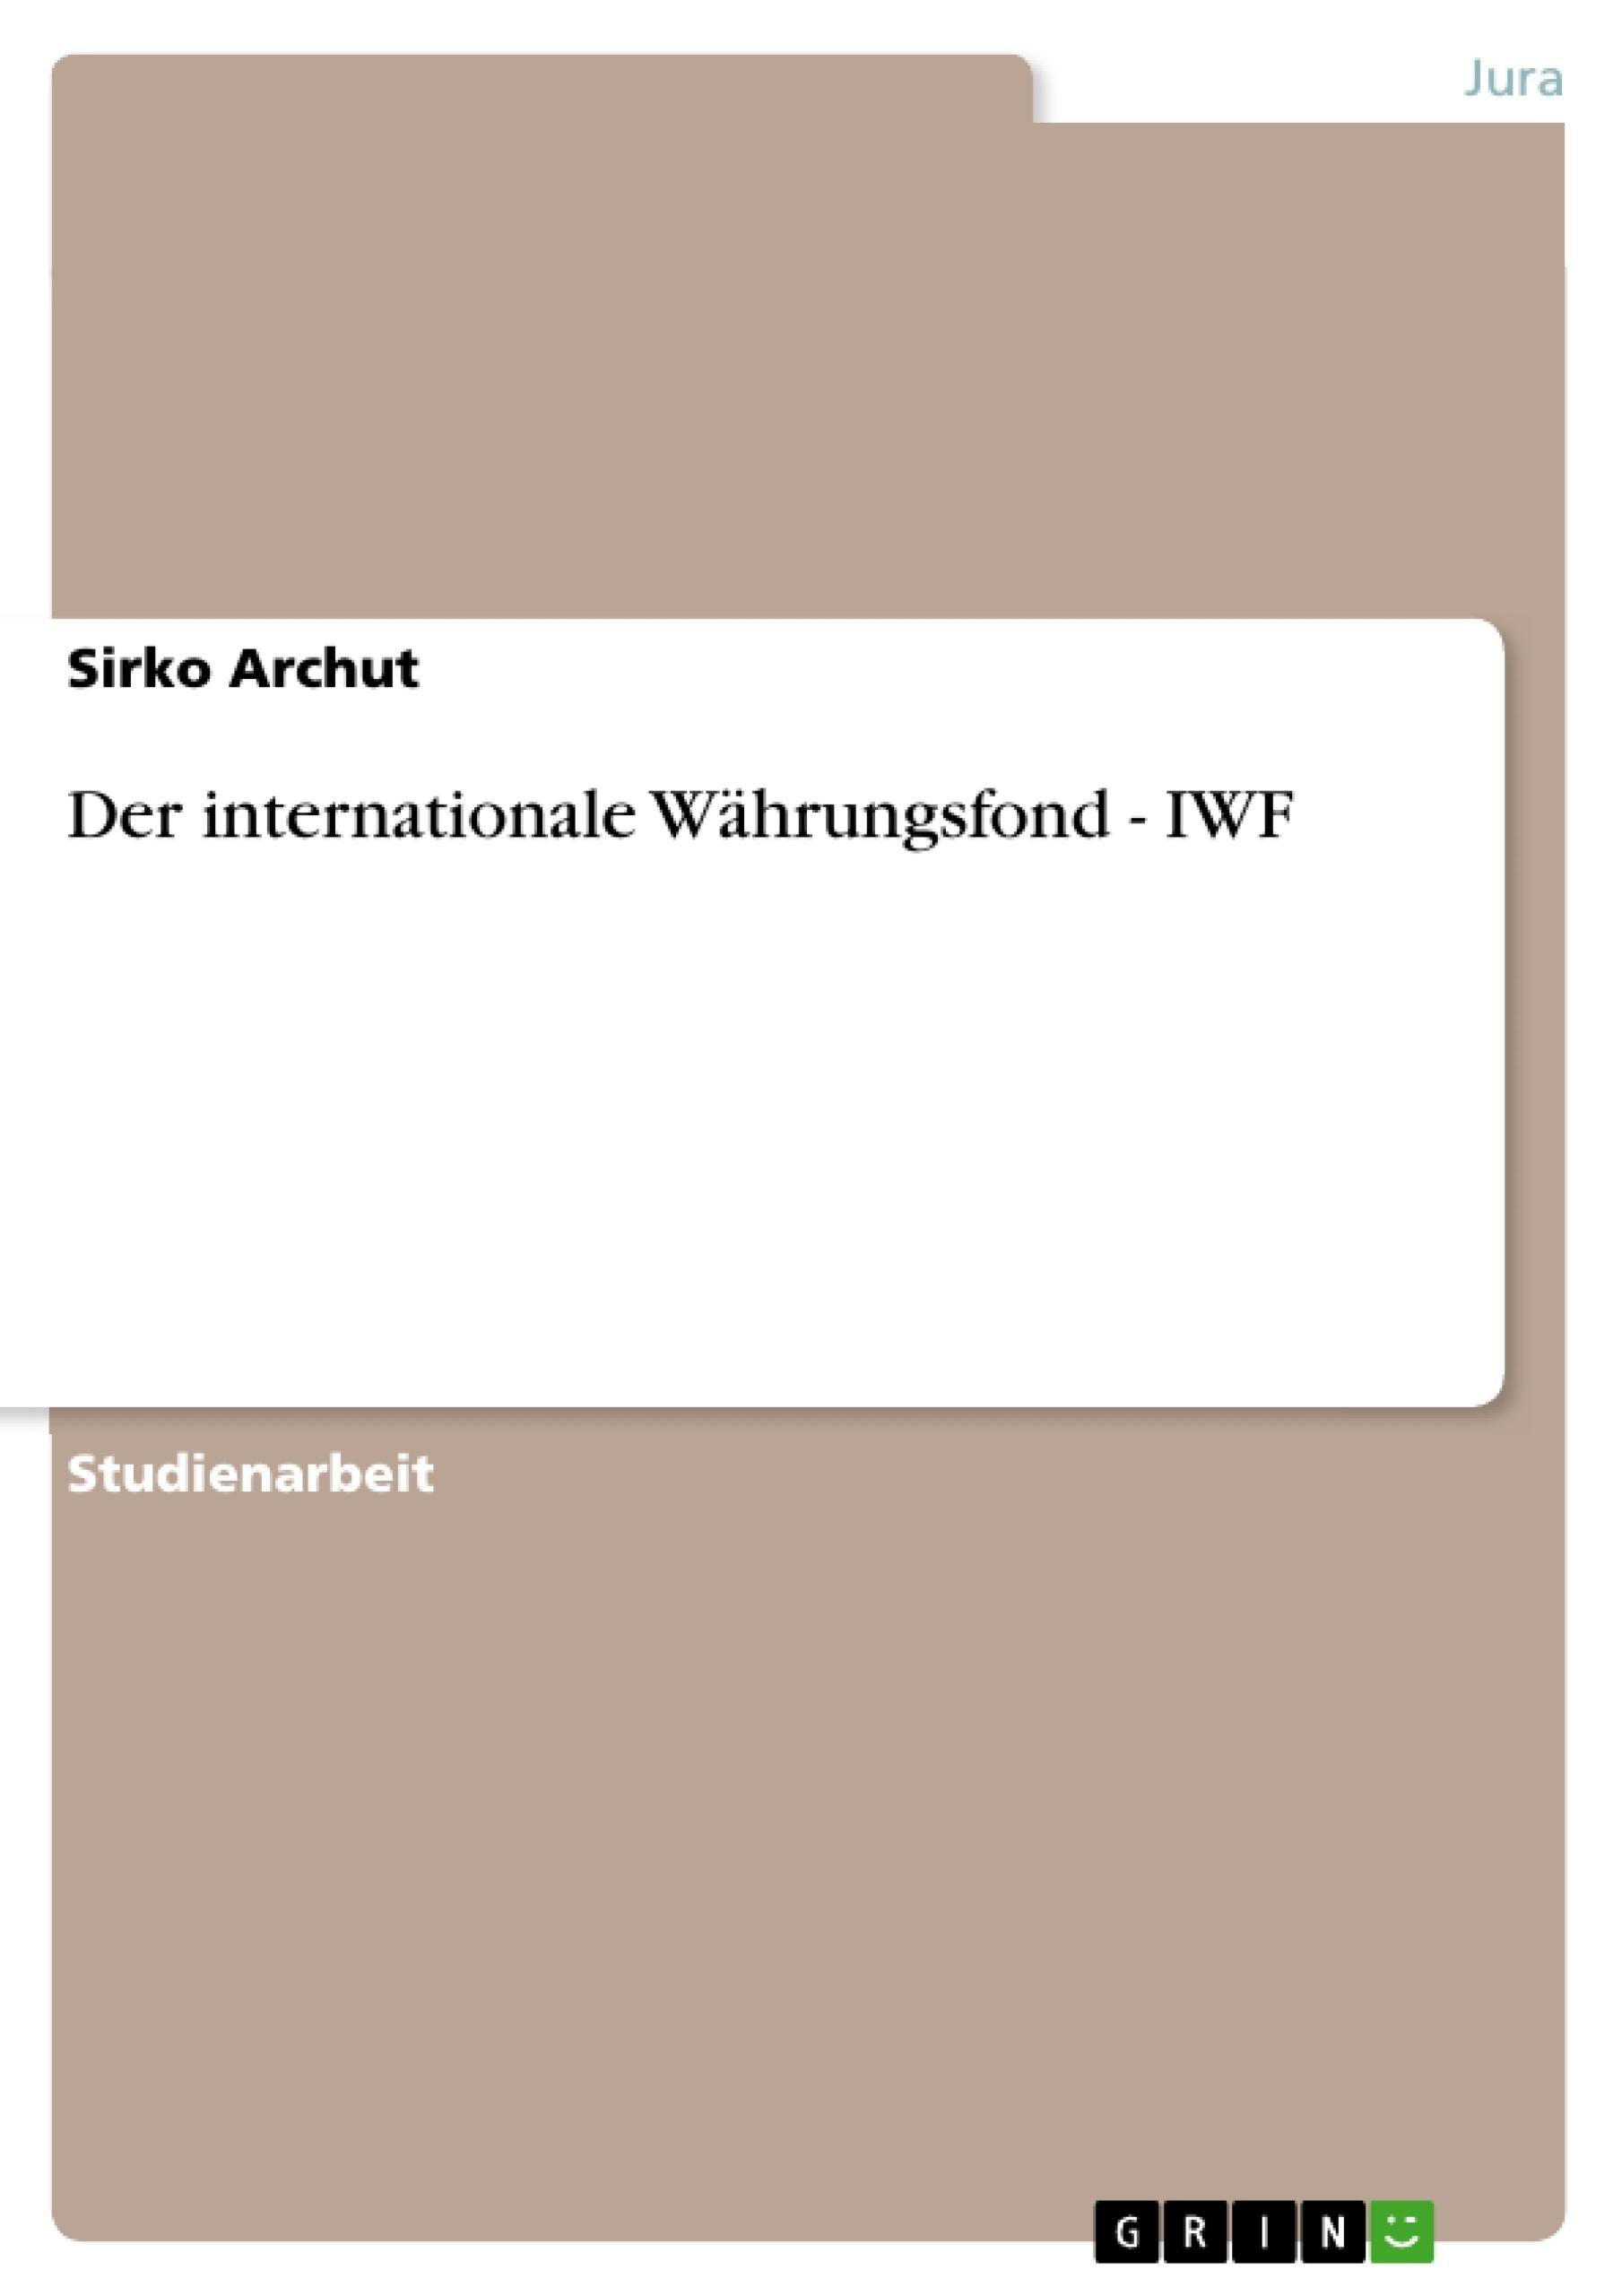 Titel: Der internationale Währungsfond - IWF